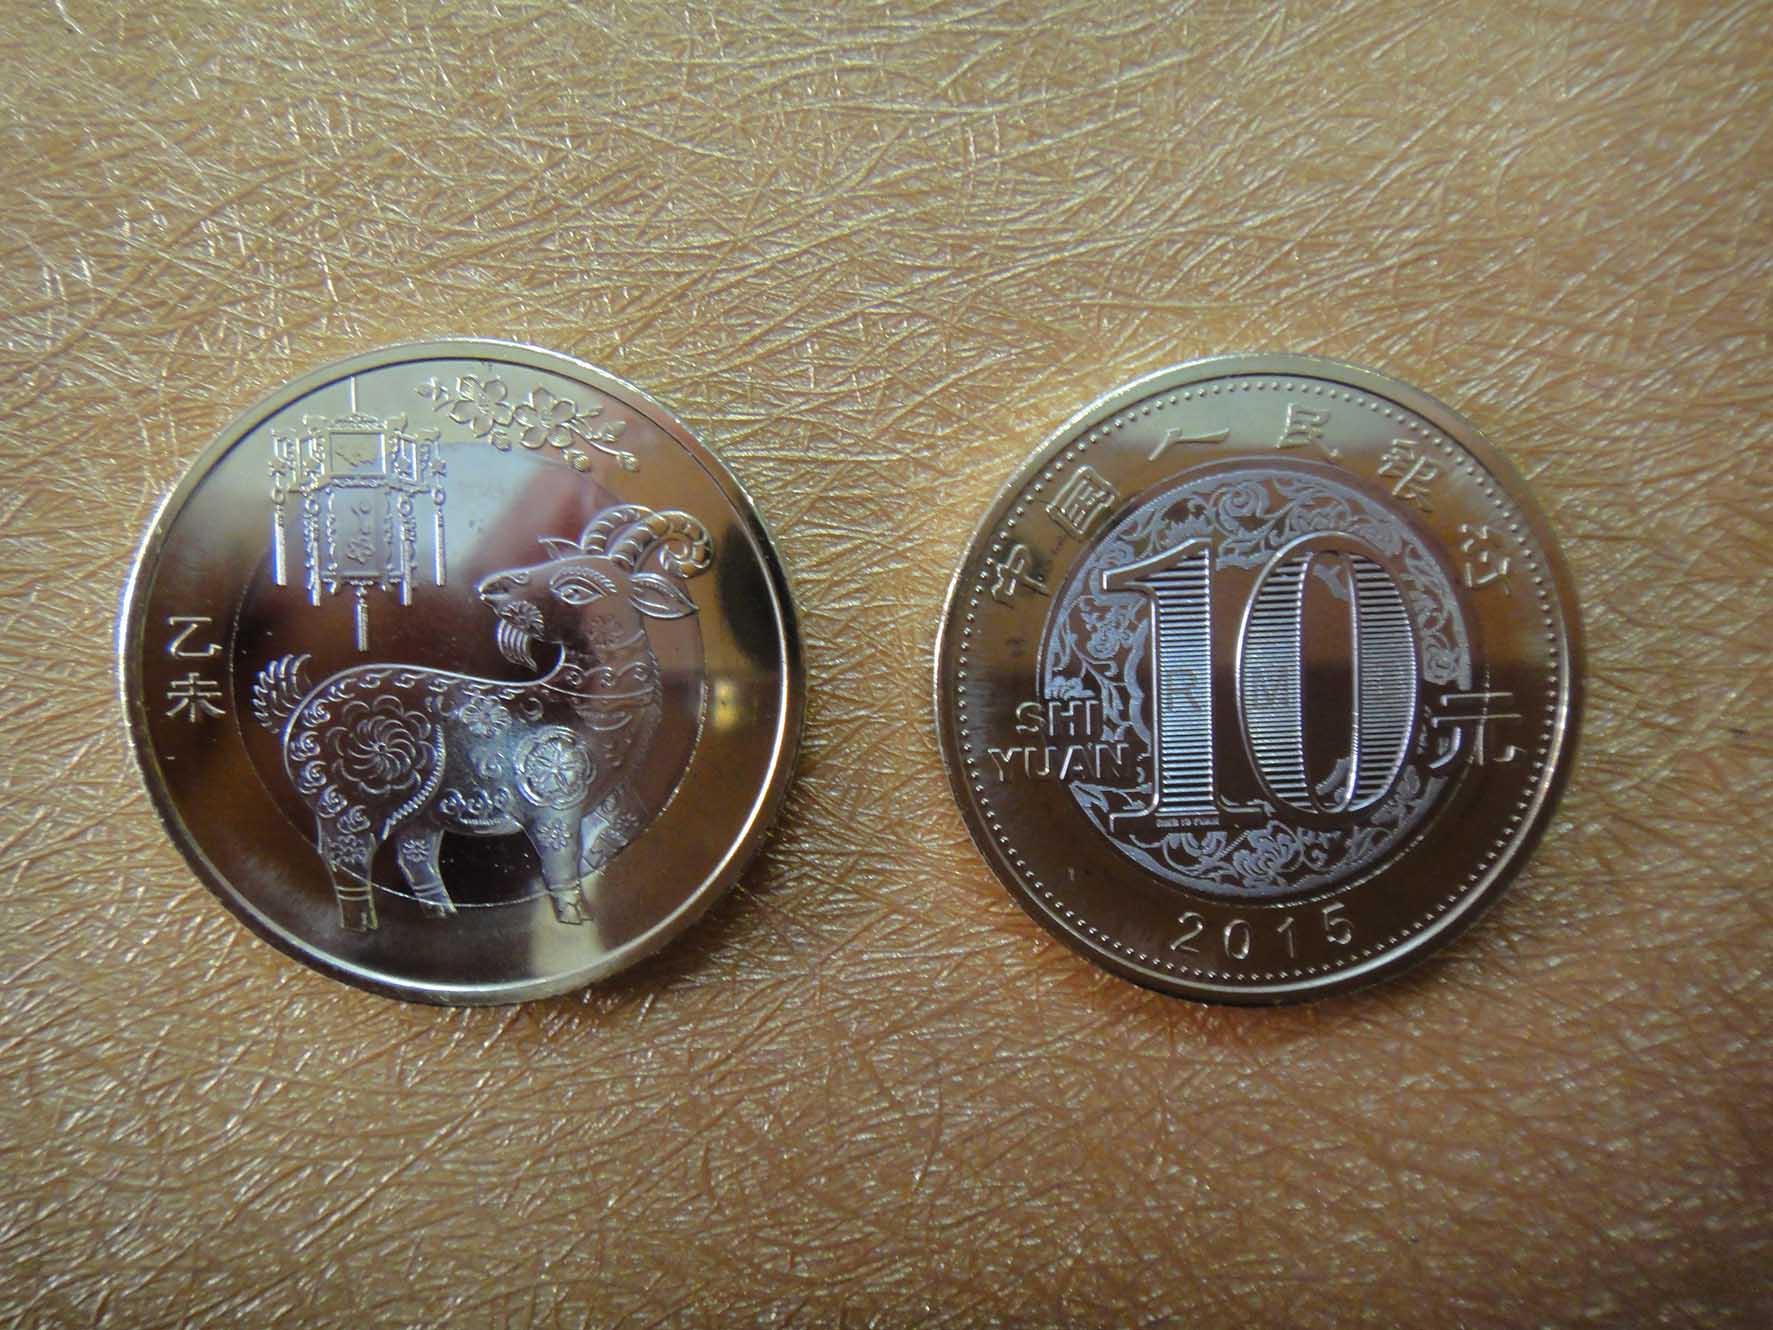 Юбилейные монеты, Медали из обычных металлов 2015 2 рублевые юбилейные монеты д с дохтуров